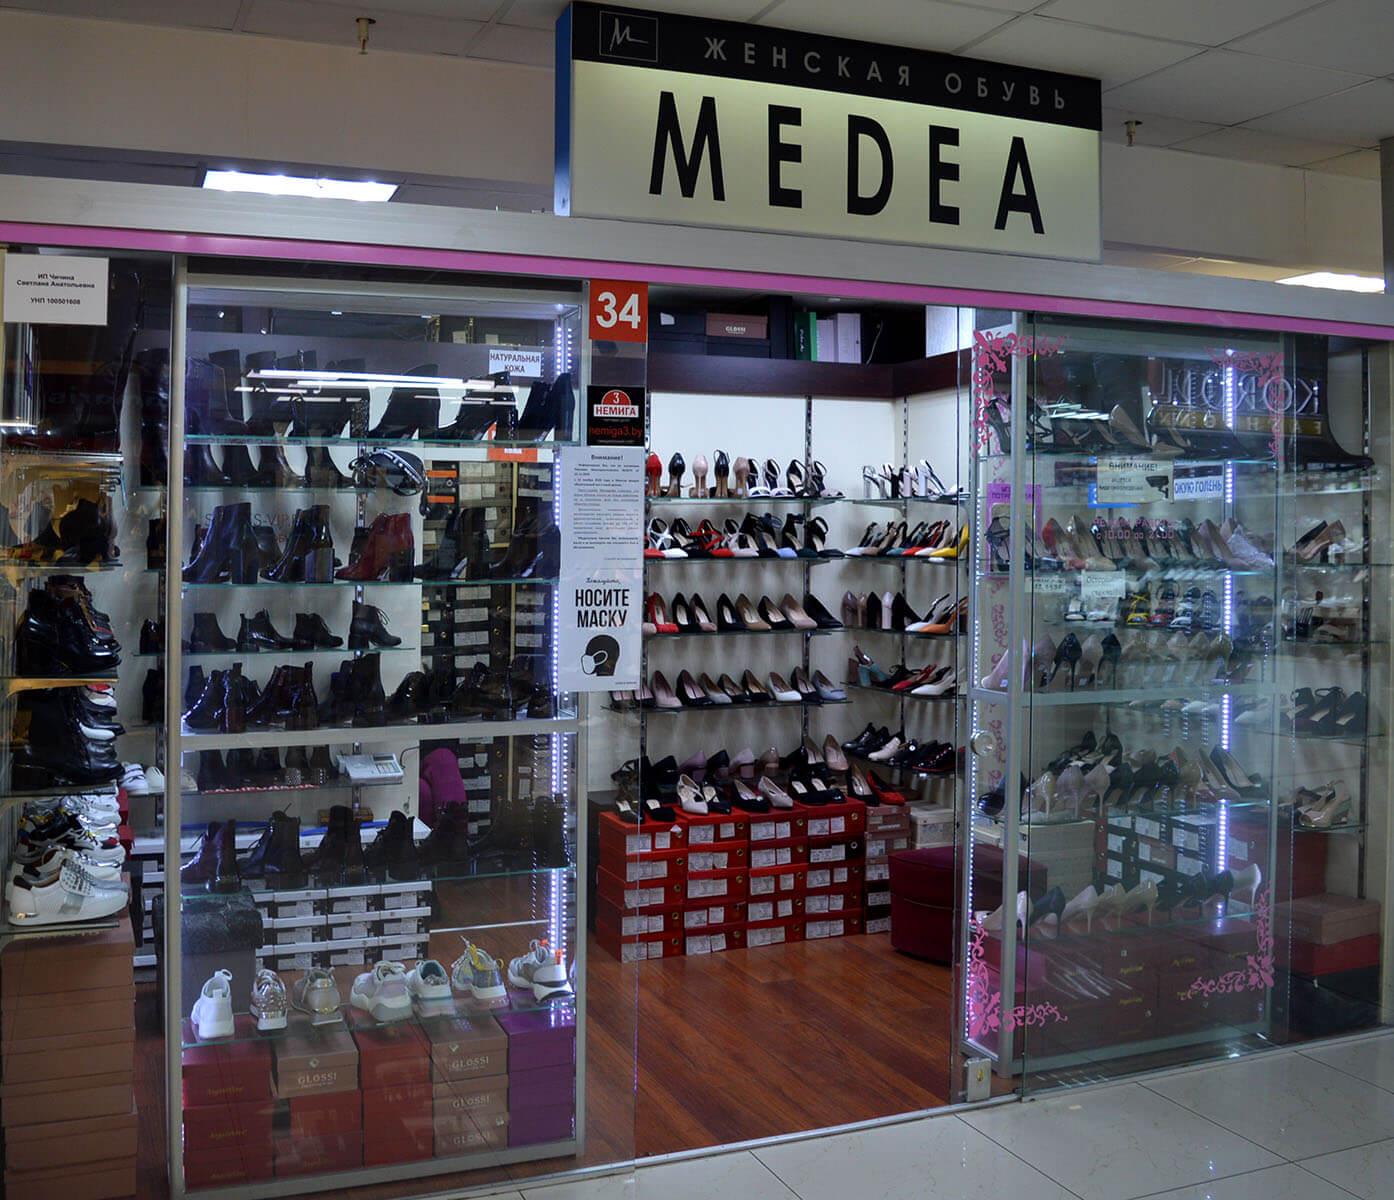 магазин женской обуви «MEDEA» в ТЦ «Немига 3» на 1 этаже в павильоне №34